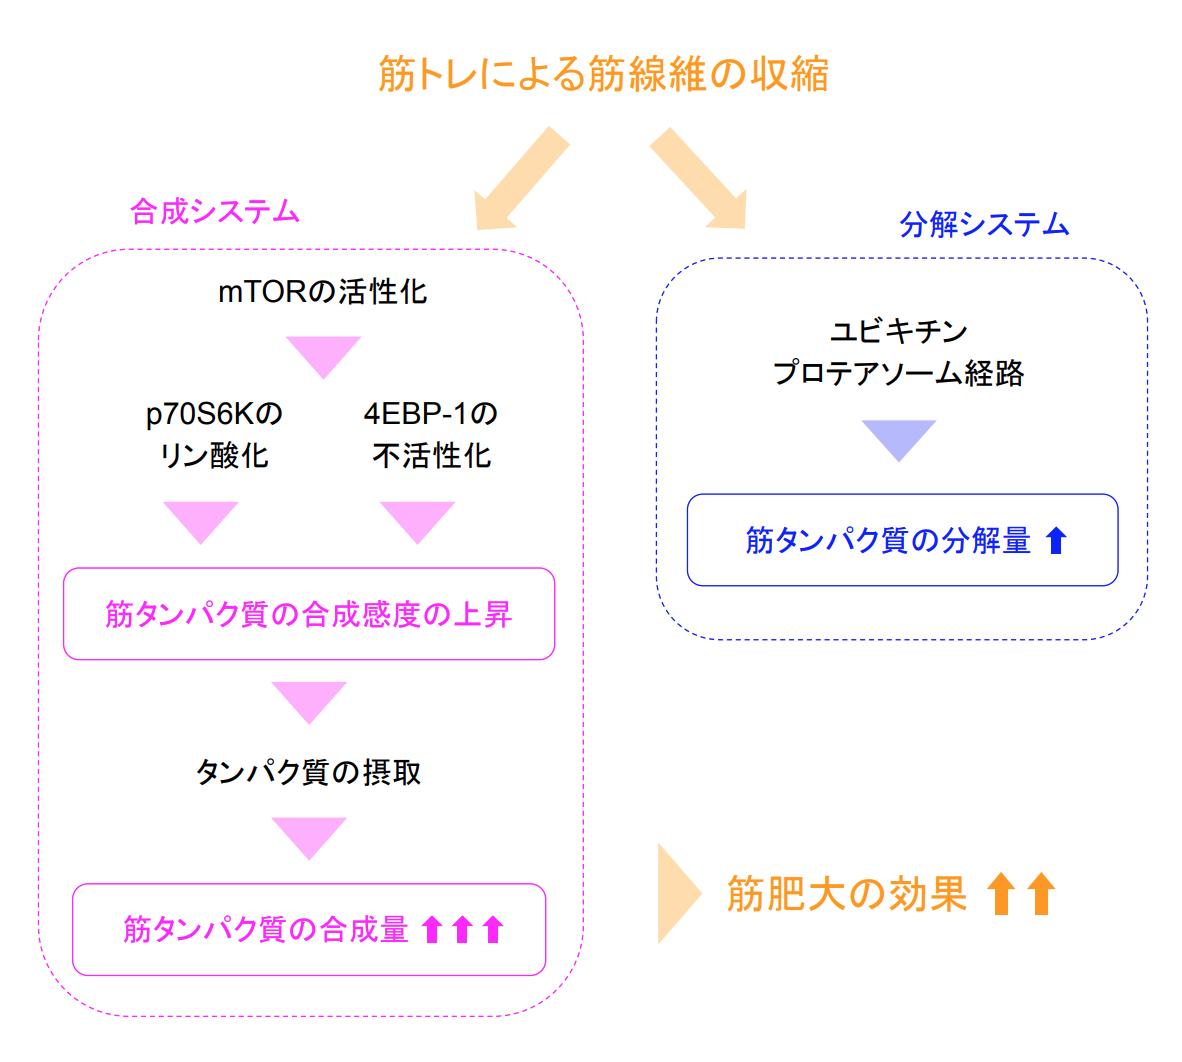 f:id:takumasa39:20190922151705p:plain